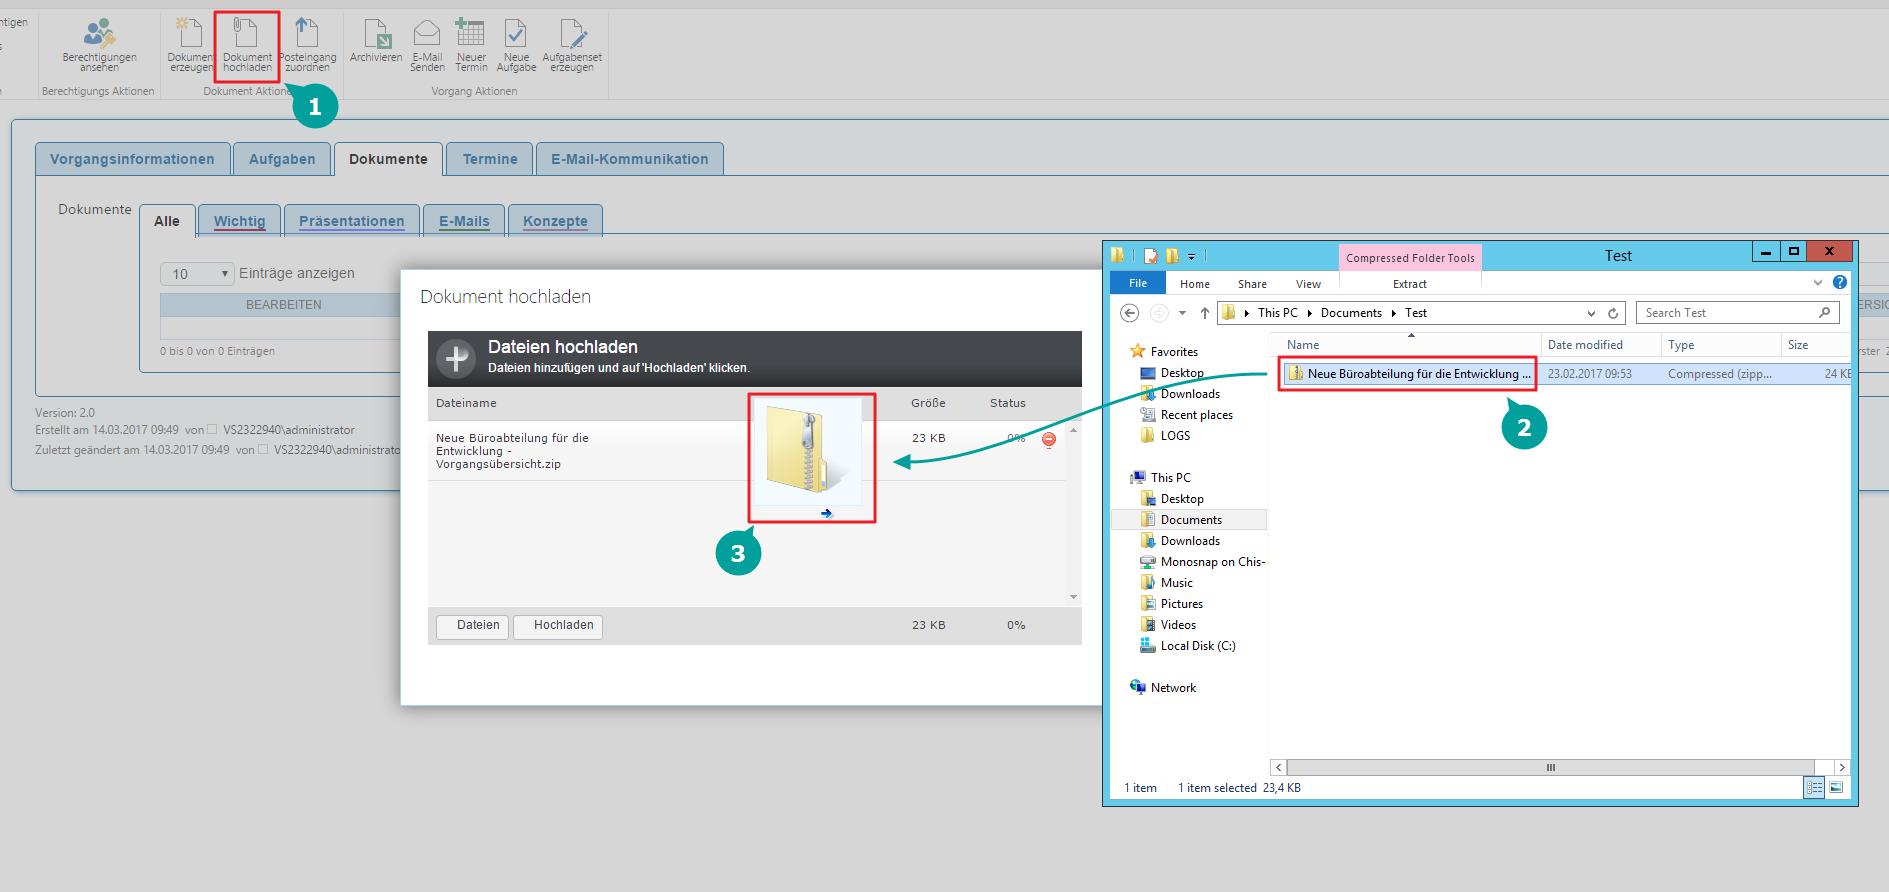 Zip automatisch entpacken Dokumentuploader SharePoint